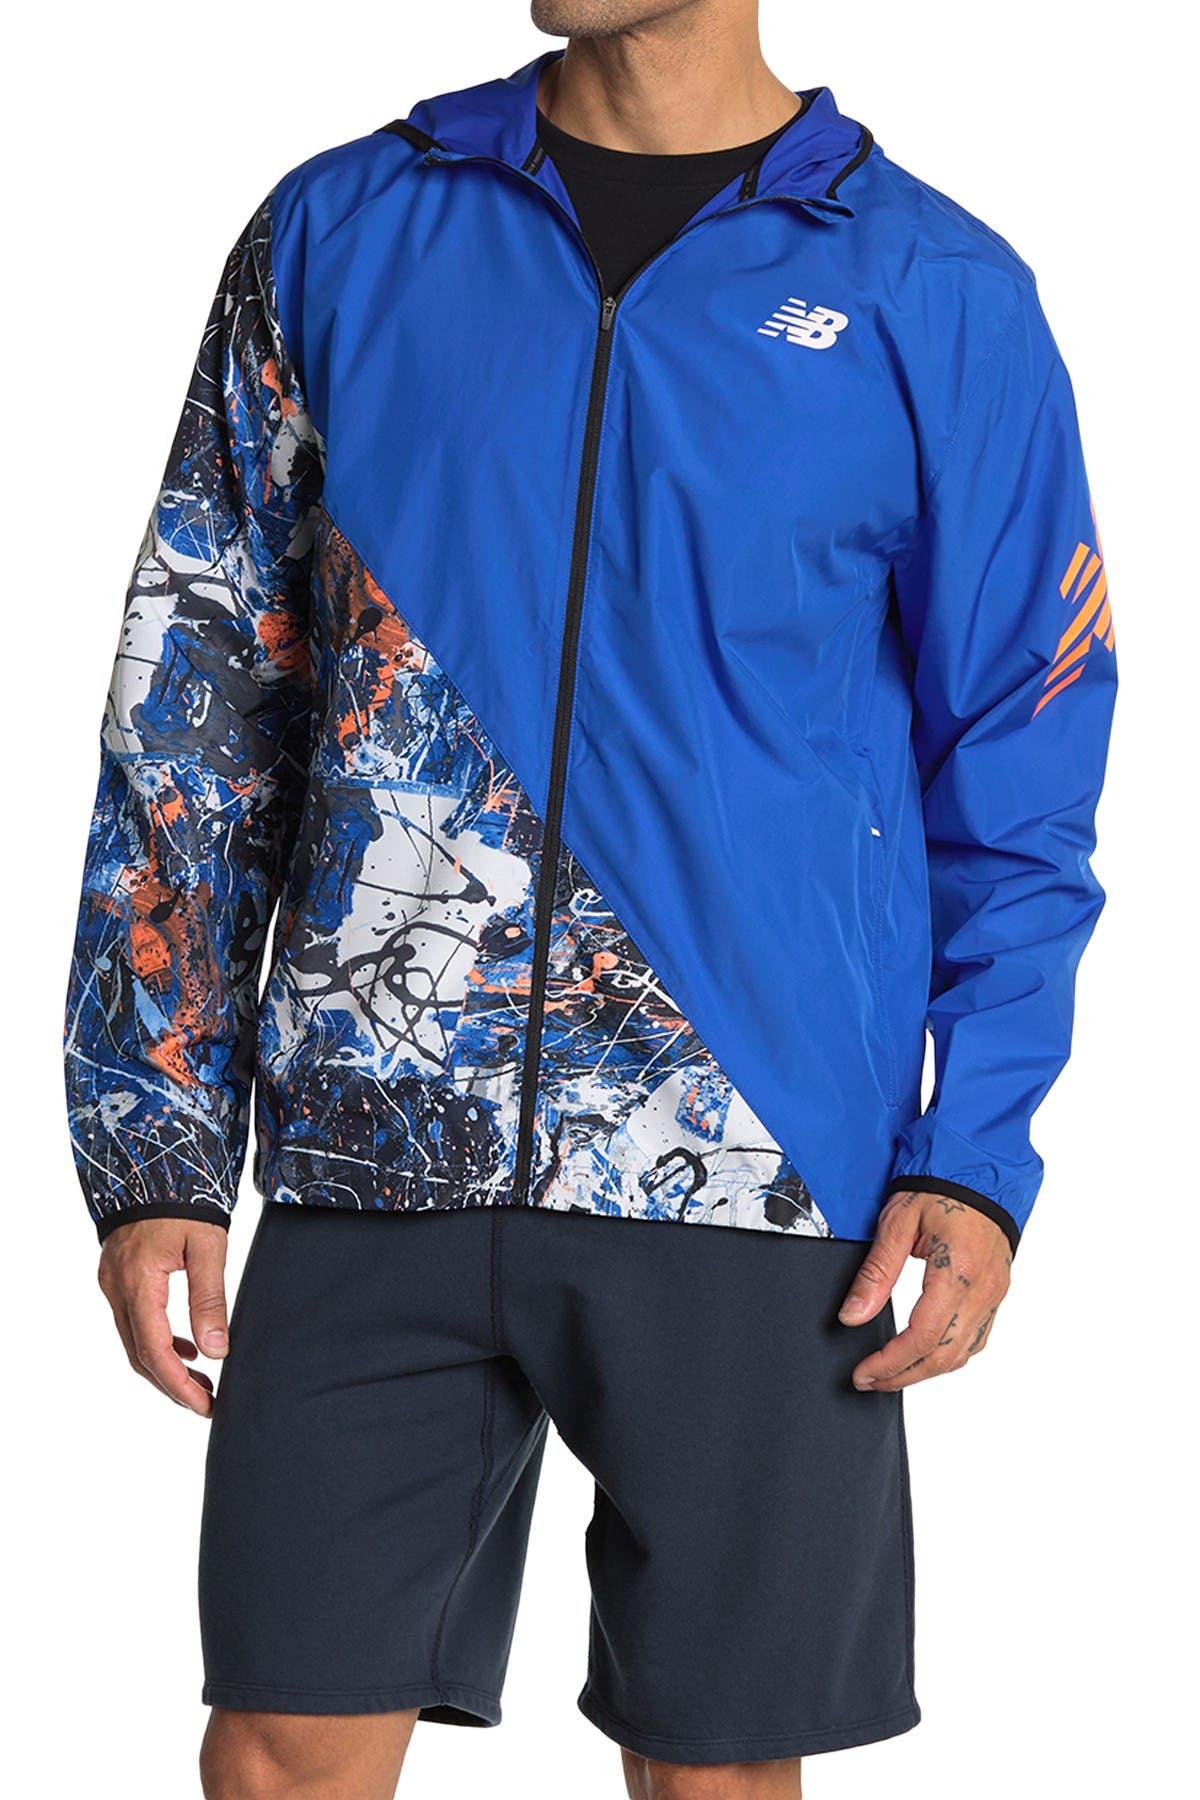 Image of New Balance Fast Flight Jacket